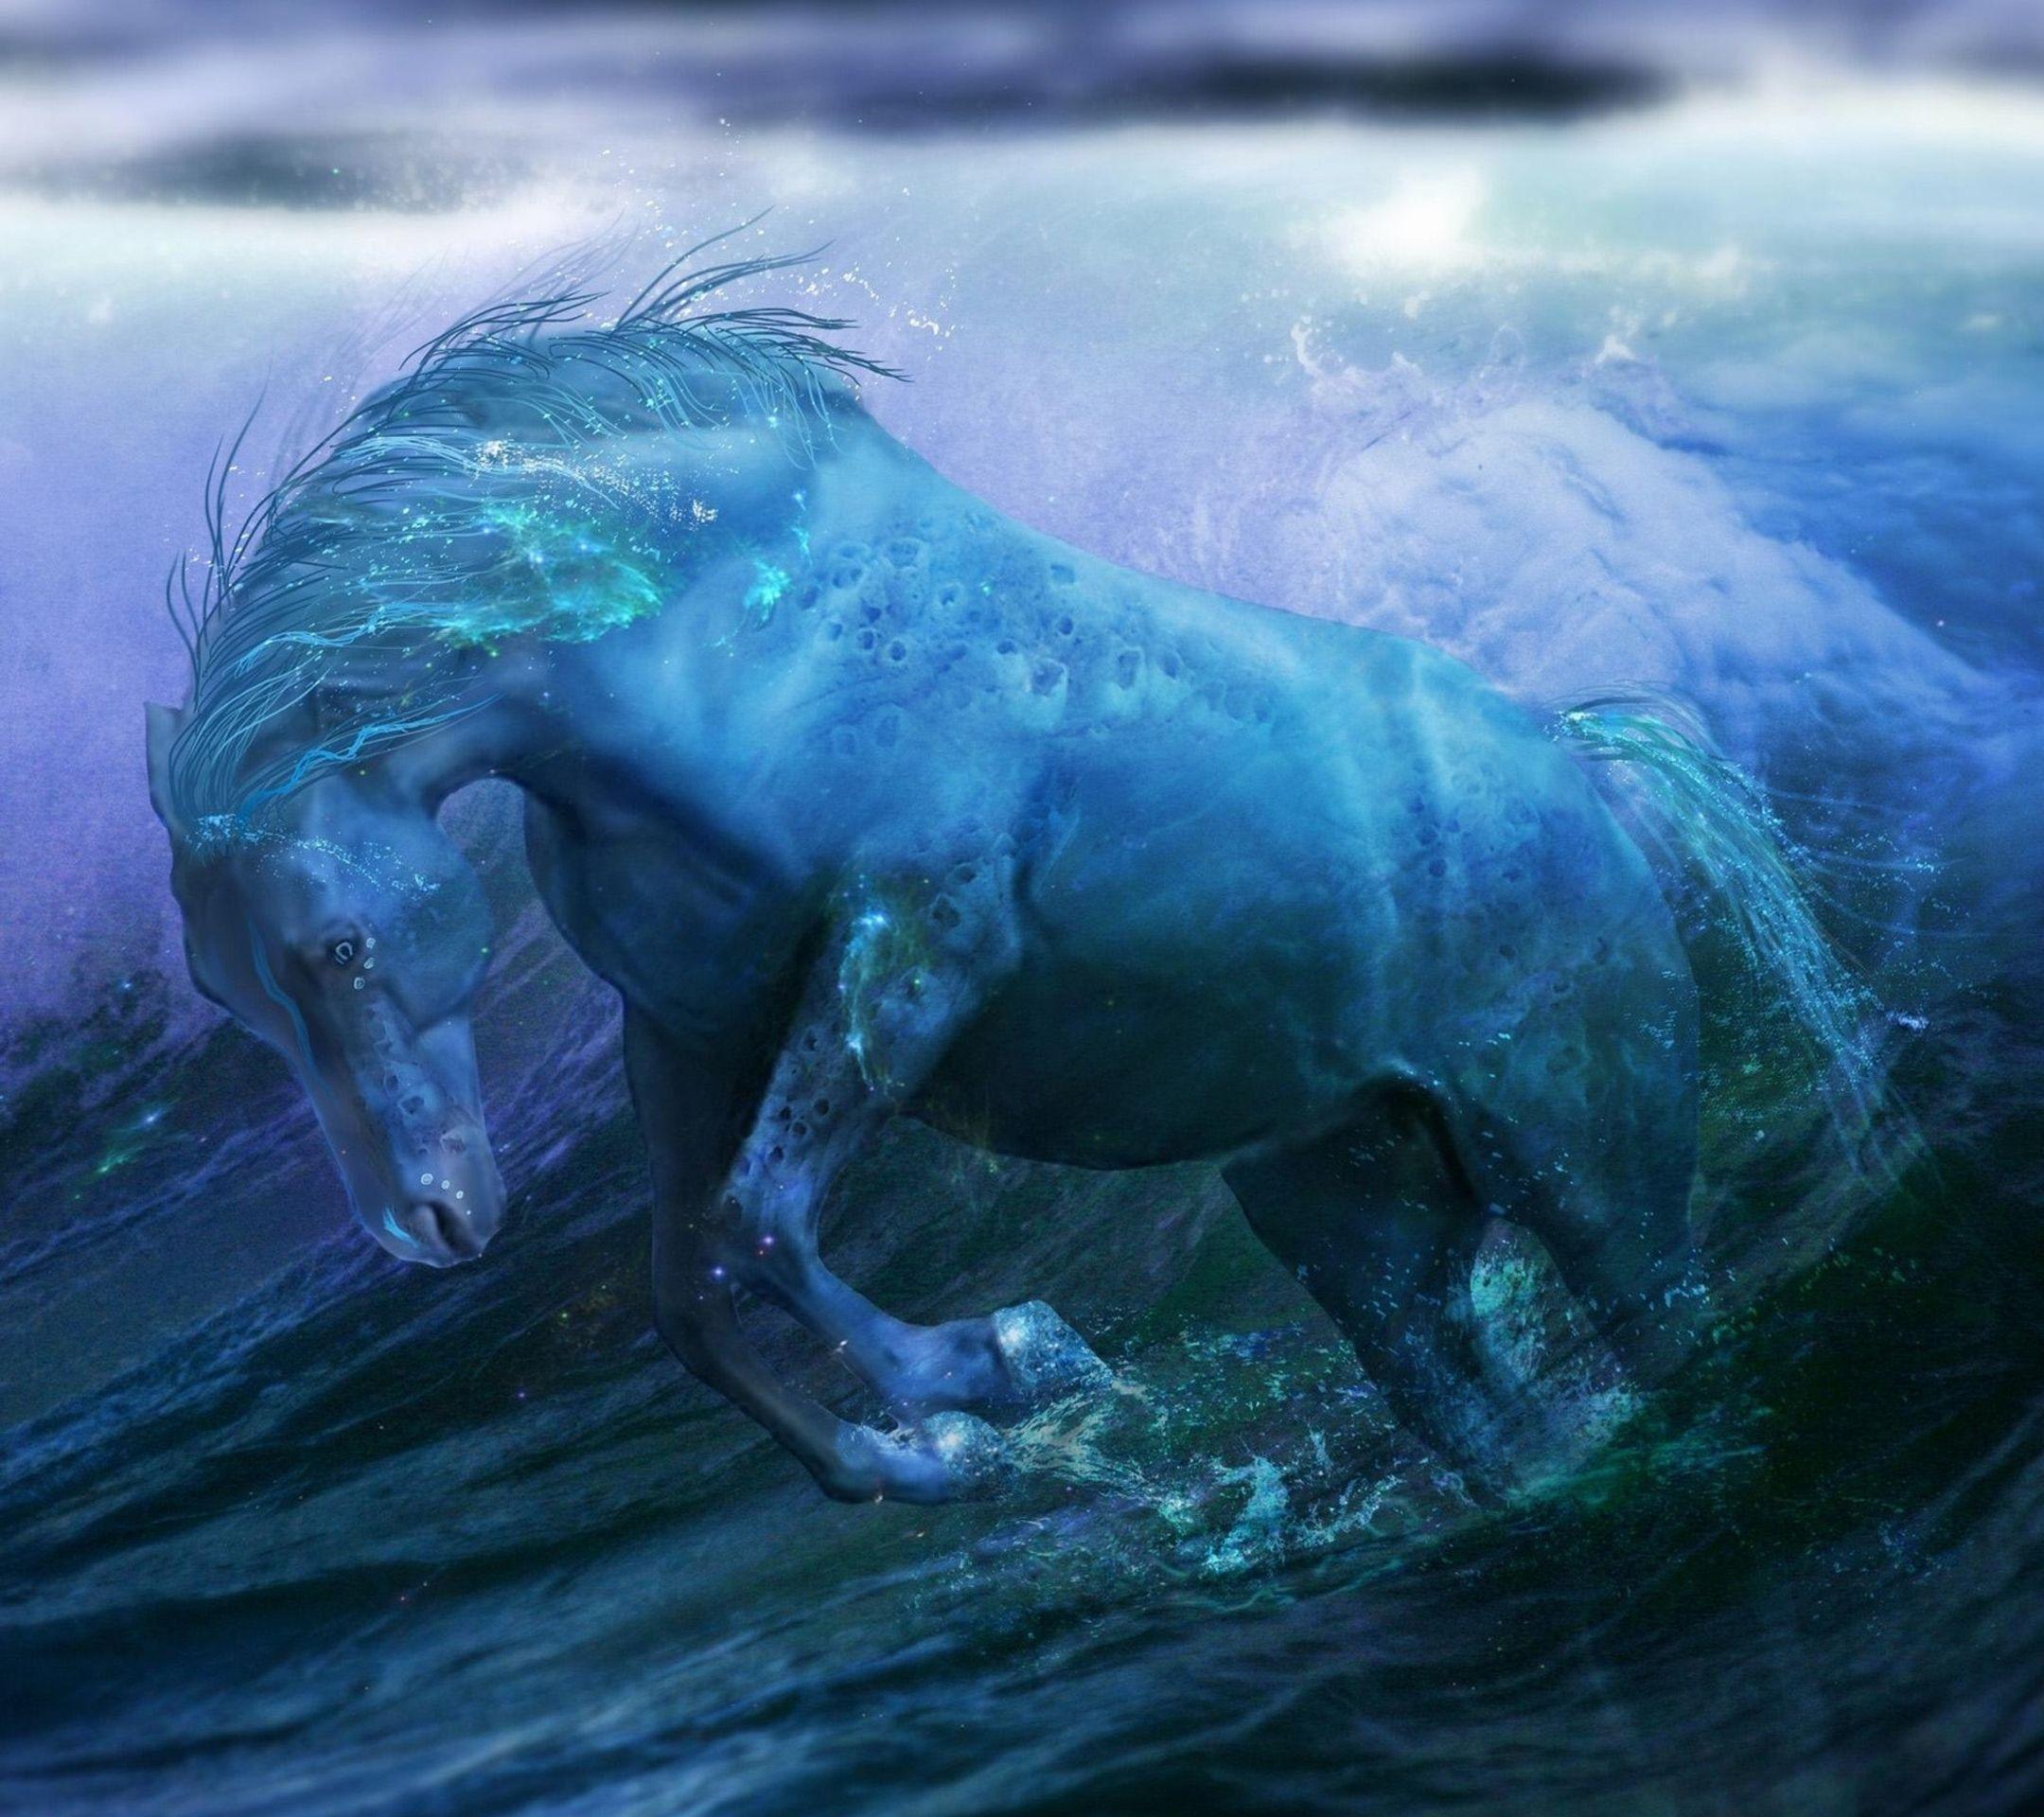 Most Inspiring Wallpaper Horse Fantasy - 8f8ff55b2ef8b9819a5a171a87d4d46f  Collection_715079.jpg